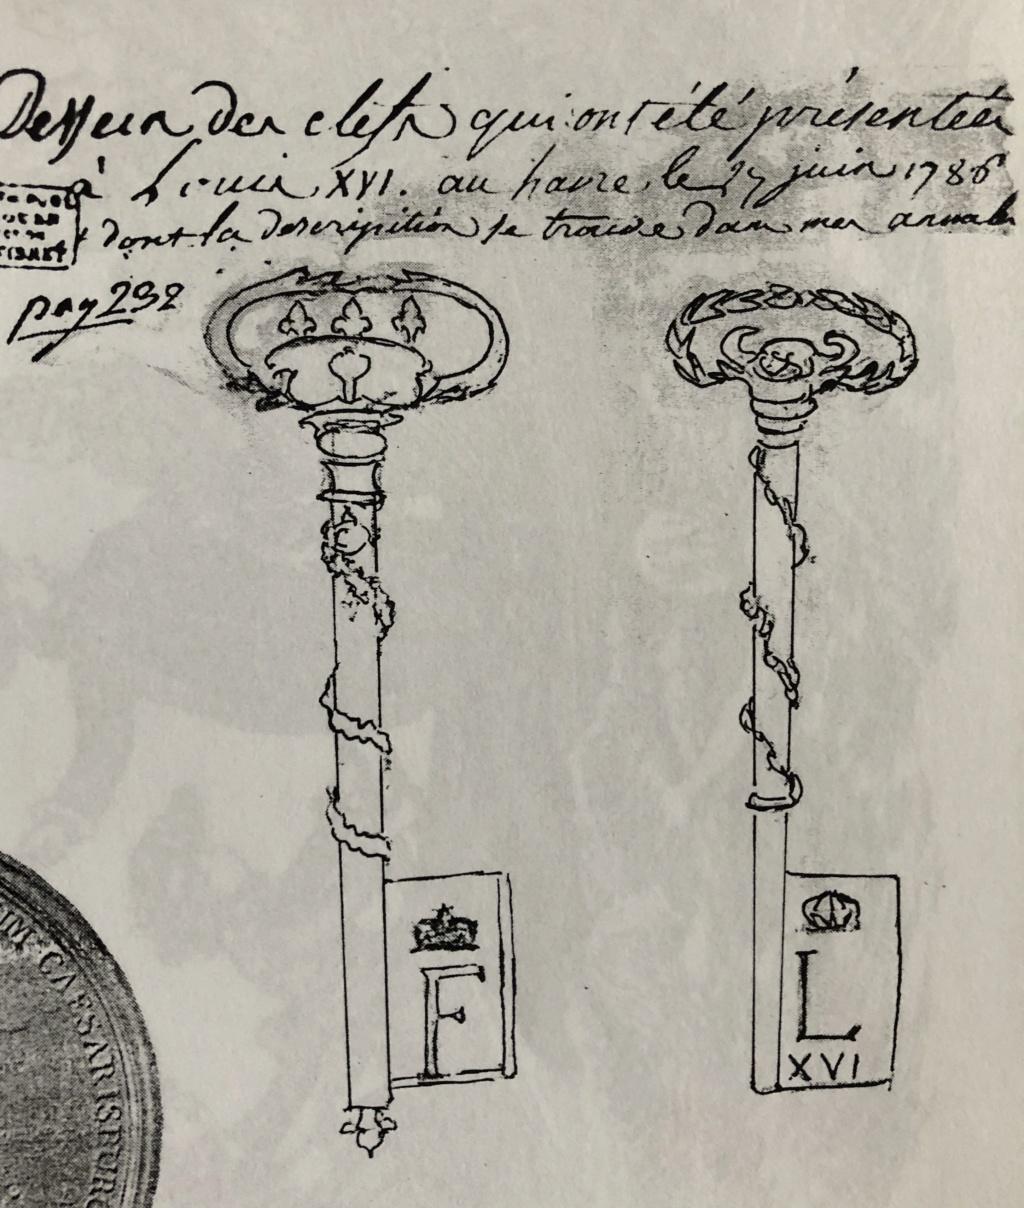 Le voyage de Louis XVI en Normandie - Page 2 B153a510